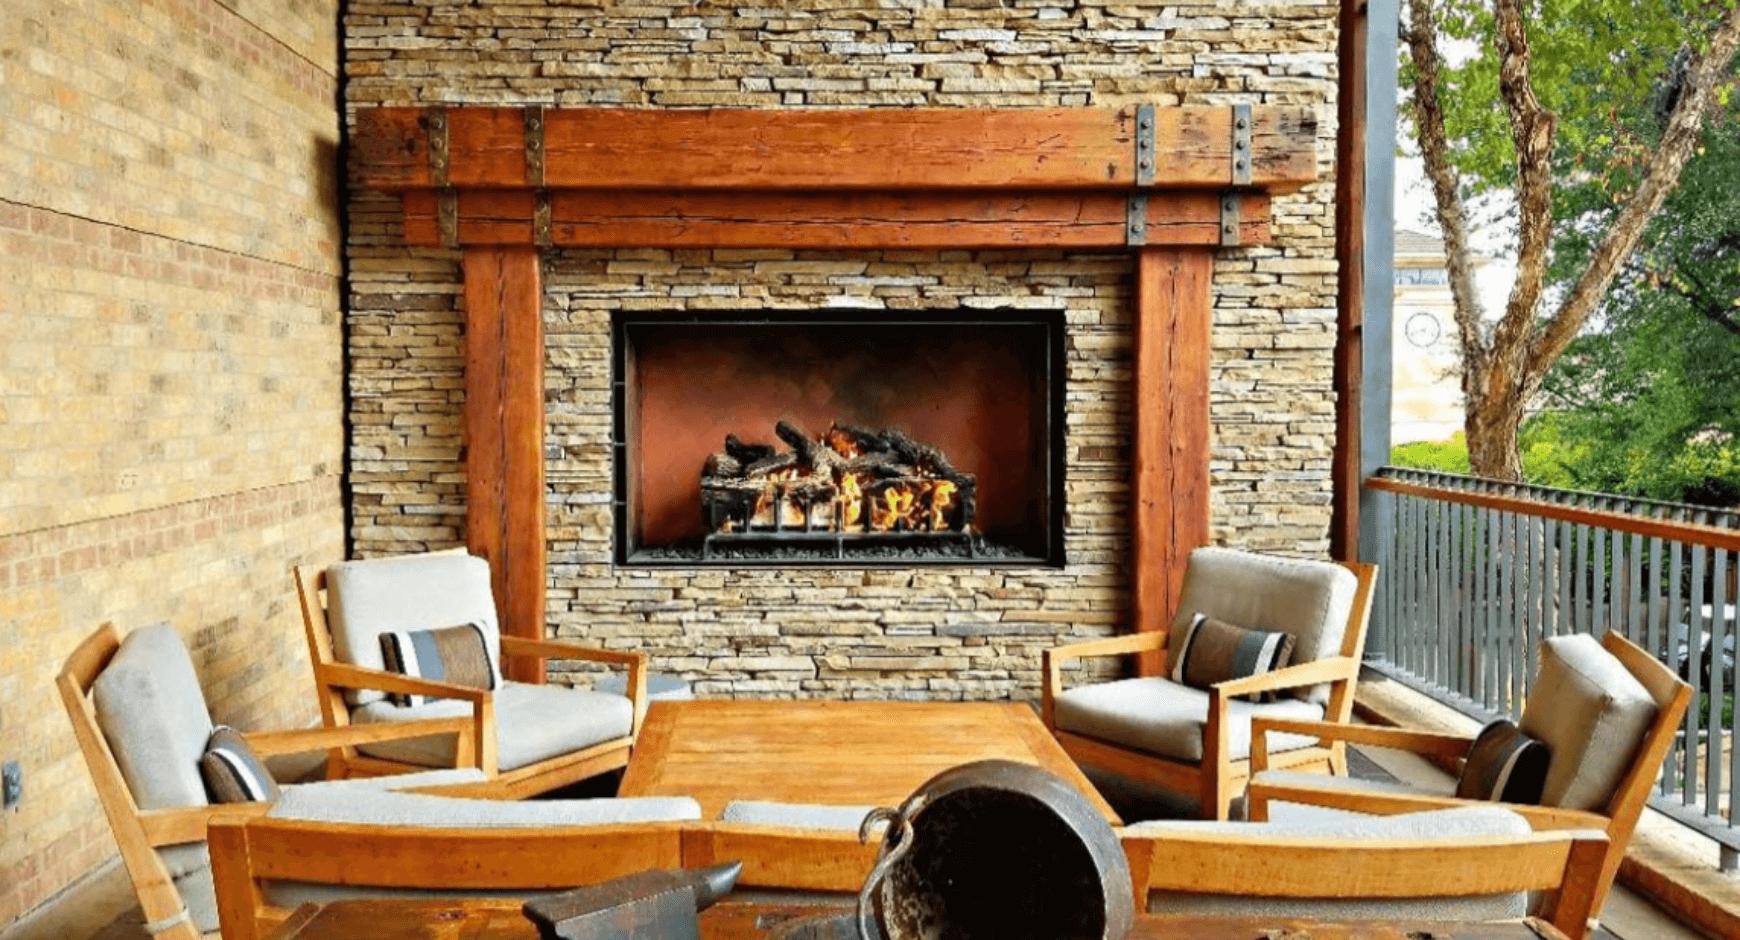 Image of a beautiful stone fireplace